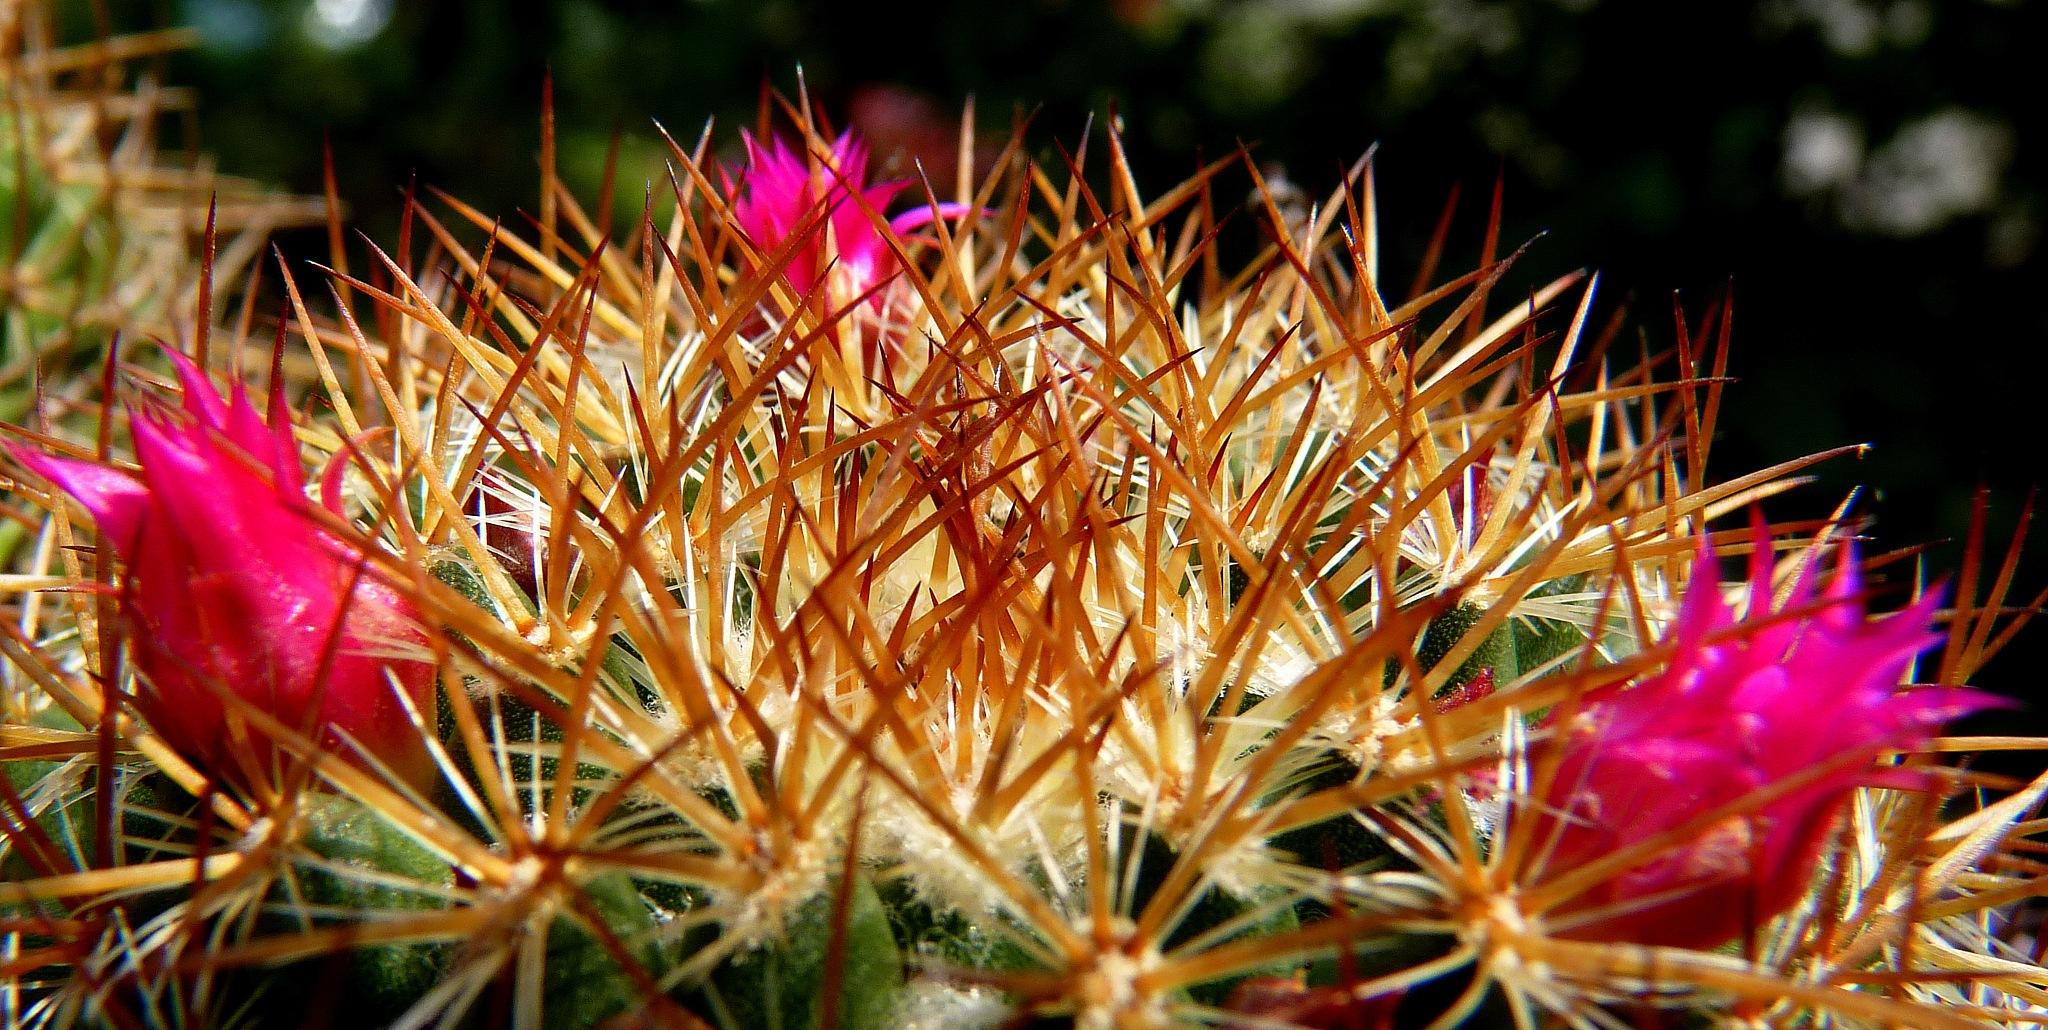 cactus by zvnktomasevic